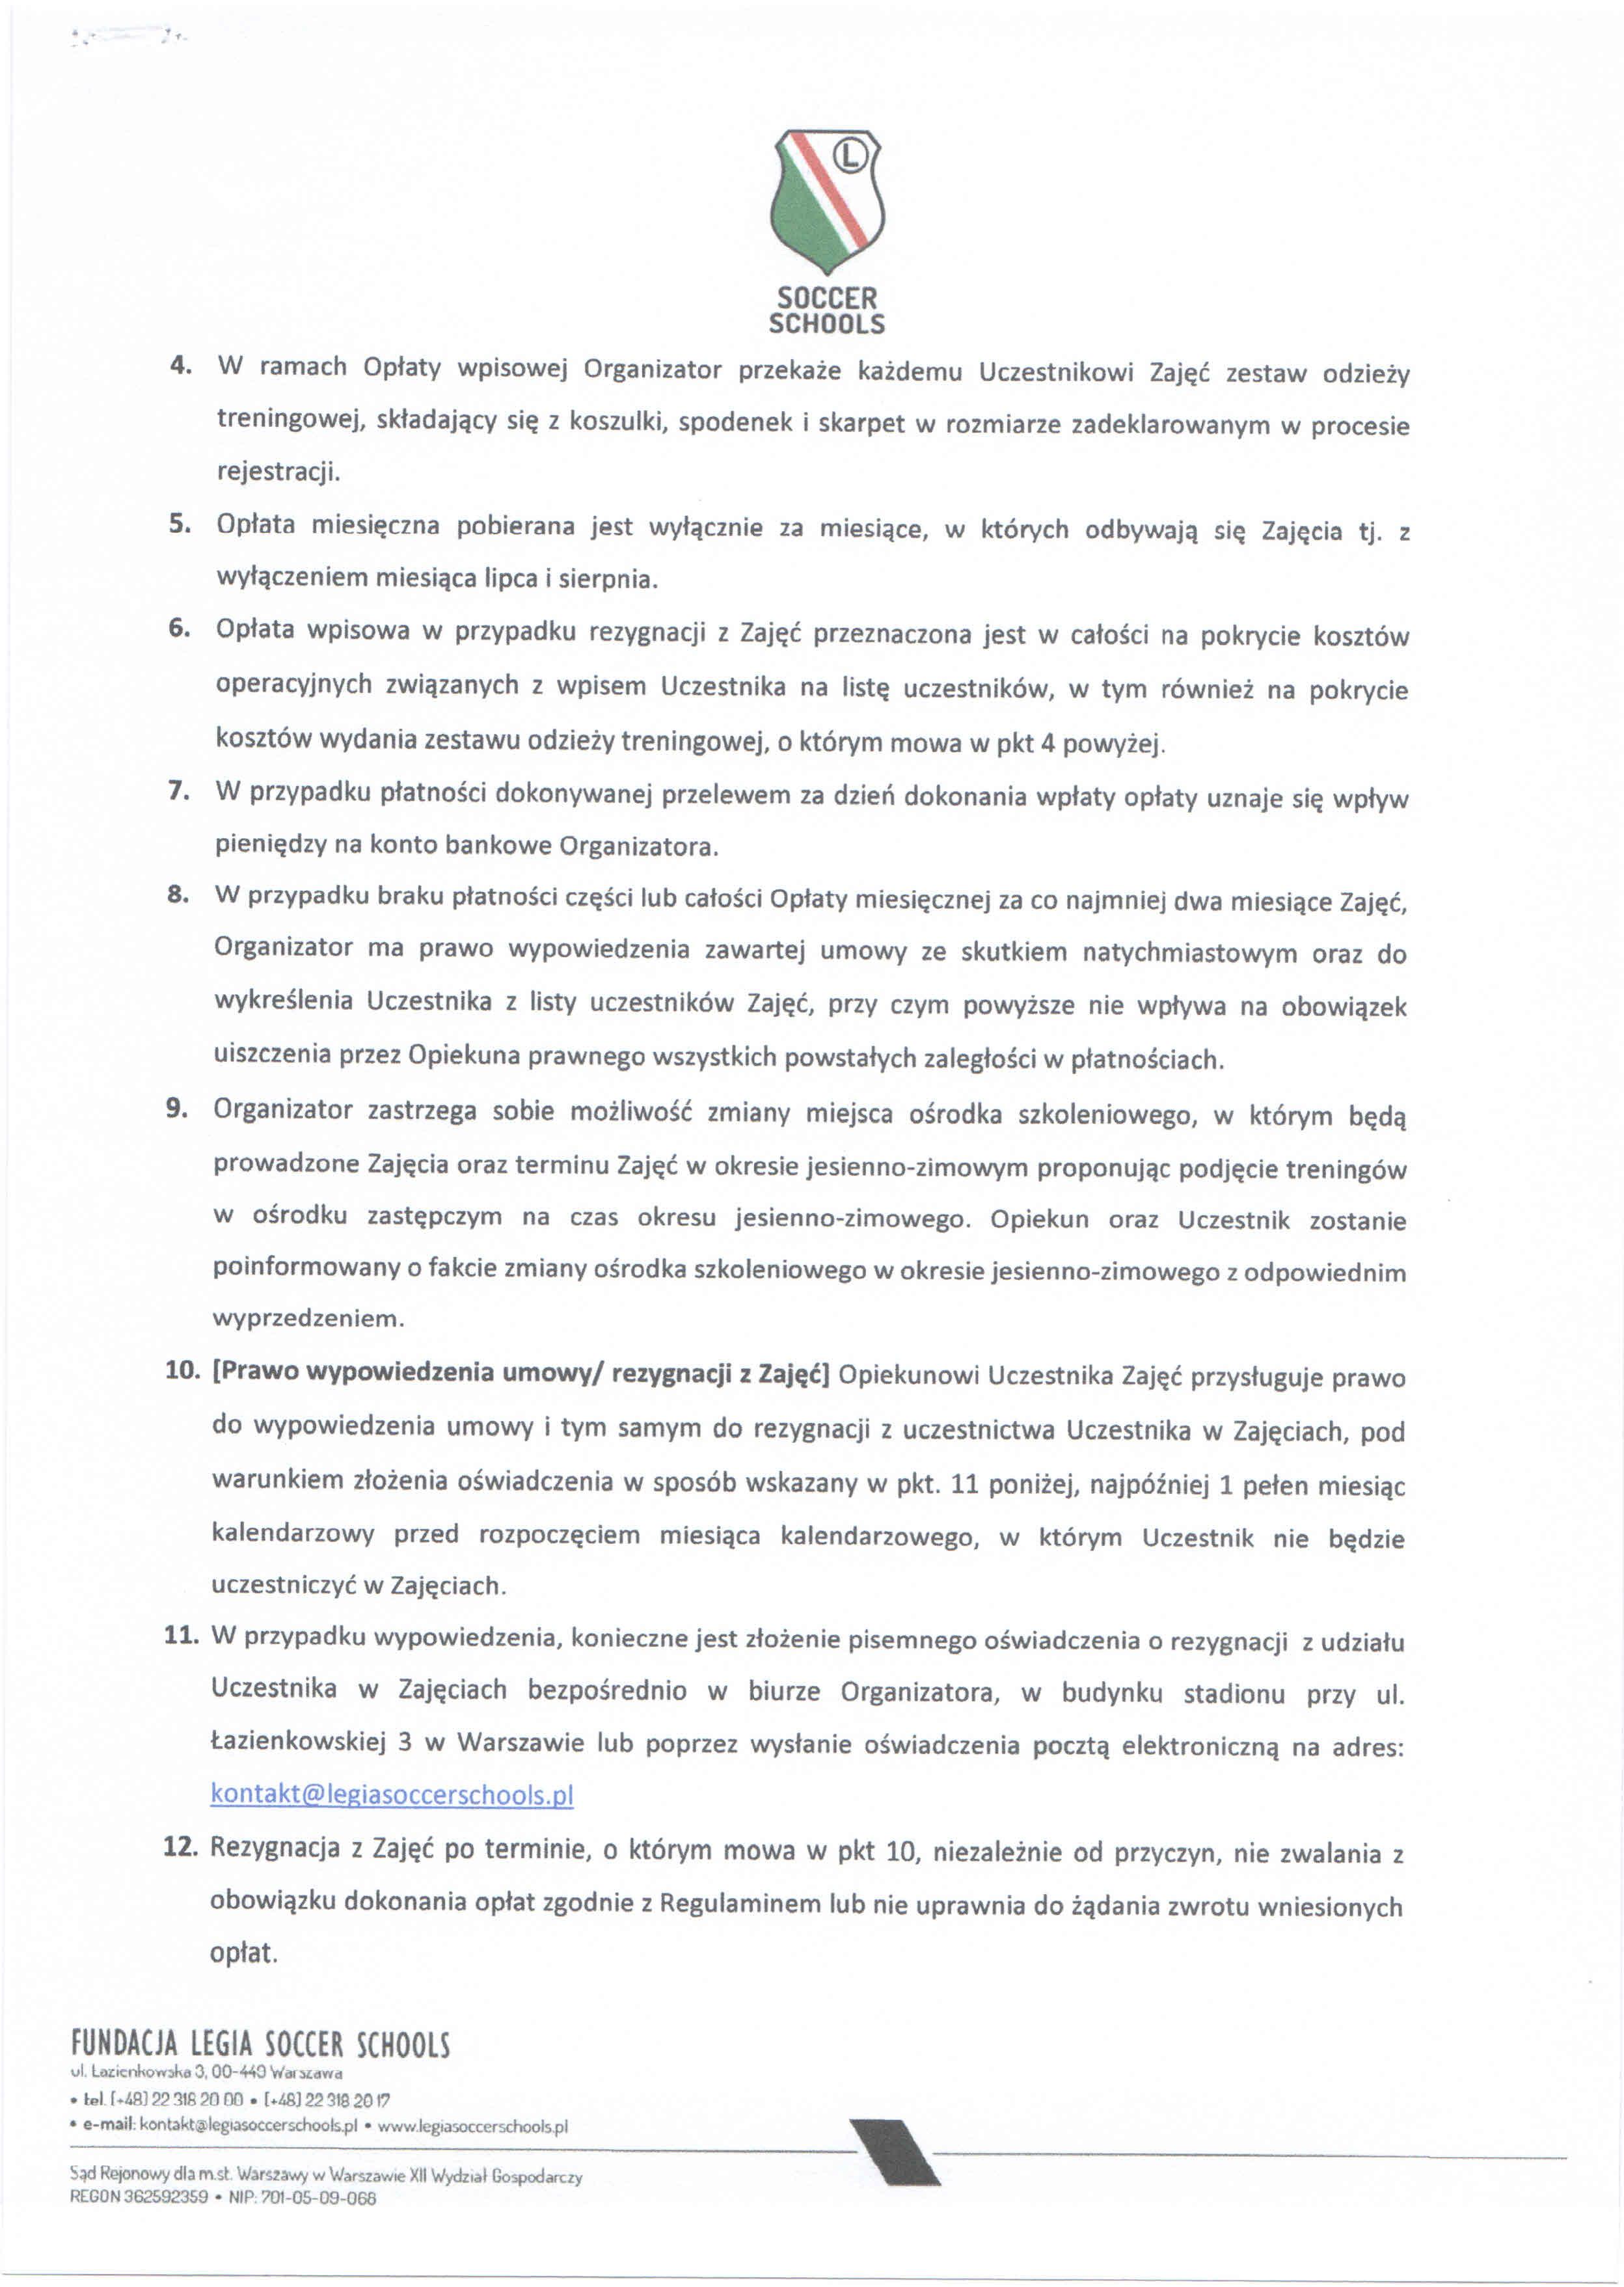 Regulamin_zajęć_LSS.3.jpg